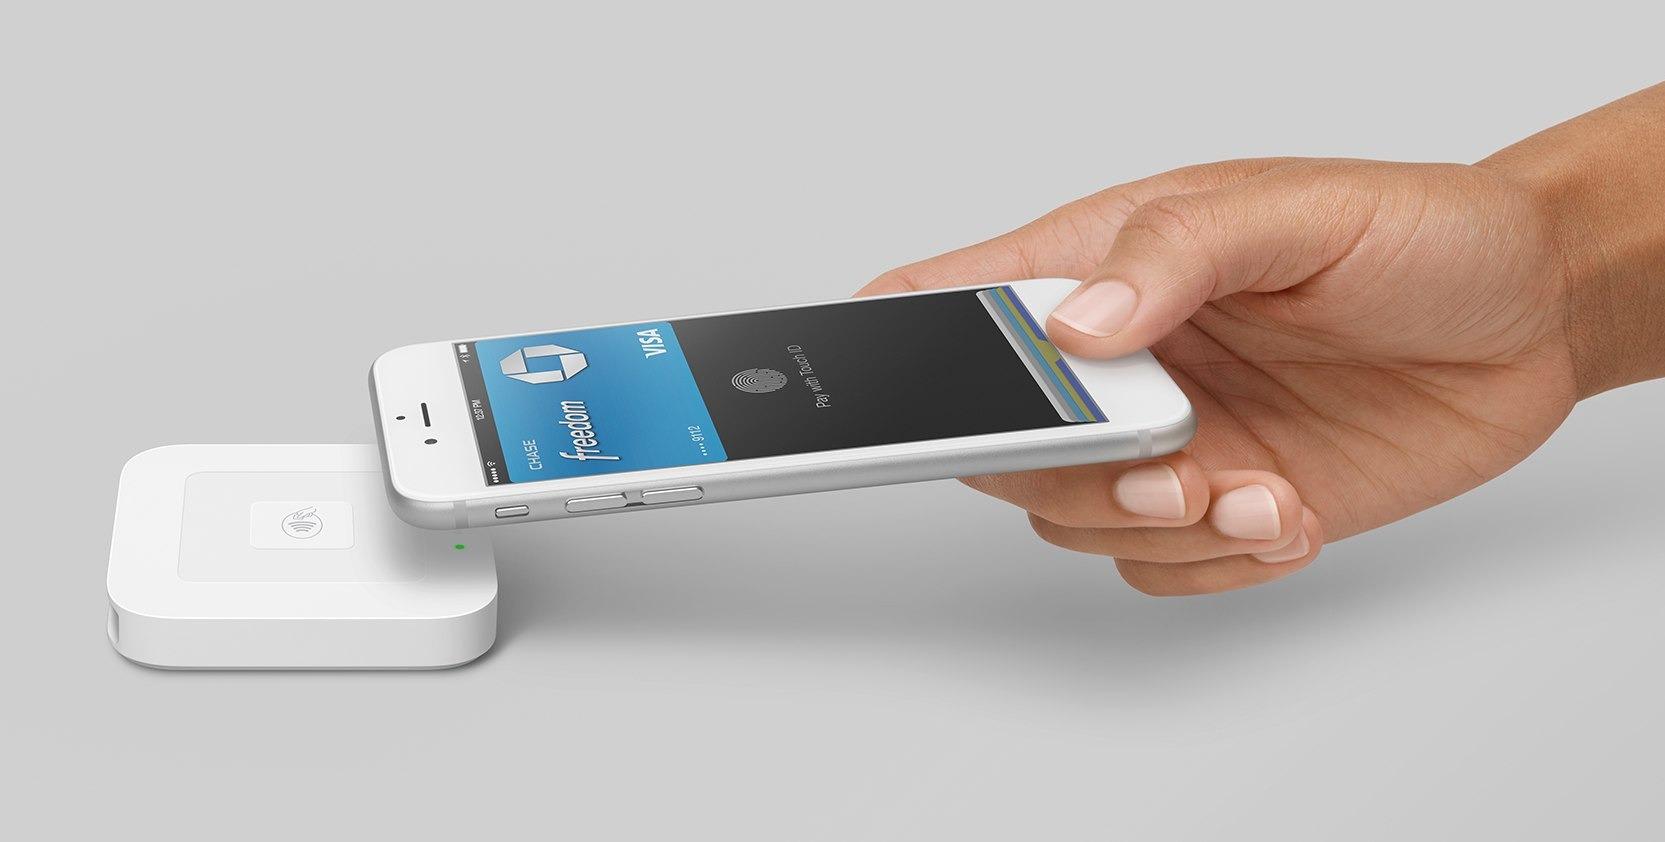 آبل تتيح لمستخدميها الشراء عن طريق هواتفها المحمولة بتقنية «آبل باي»